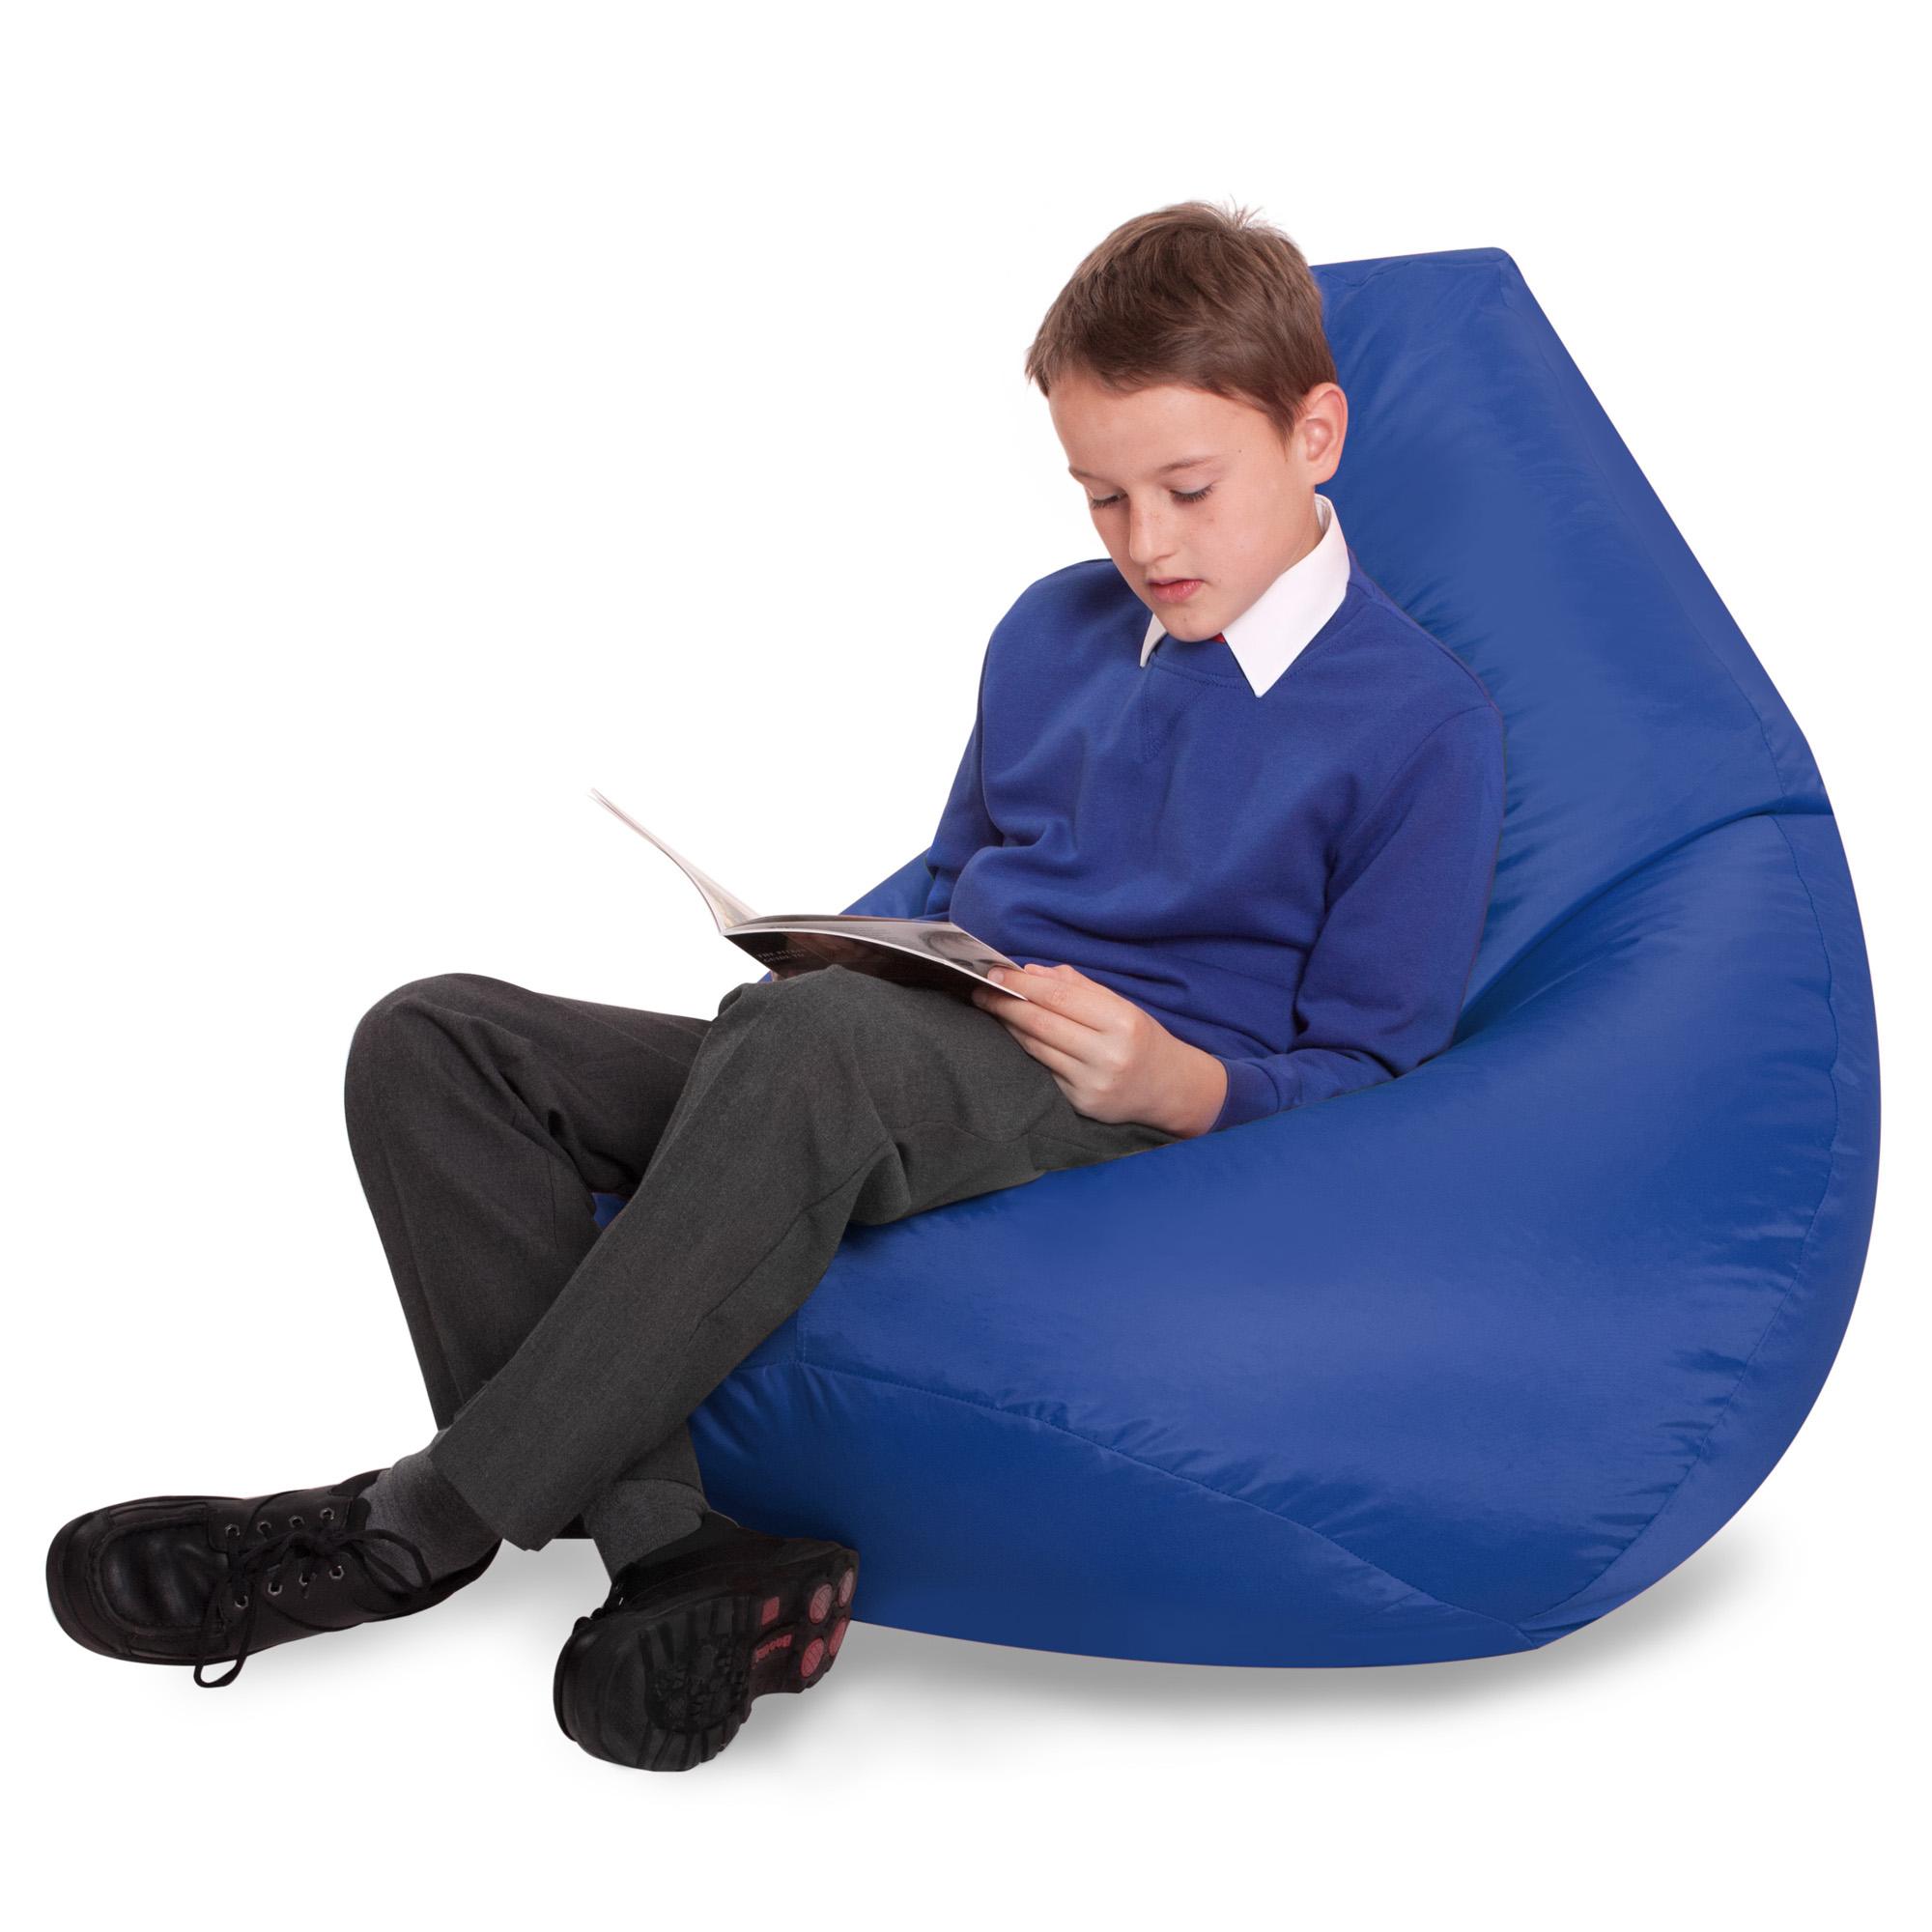 Eden-Large-Reading-Pod-OD-blue-300dpi-3